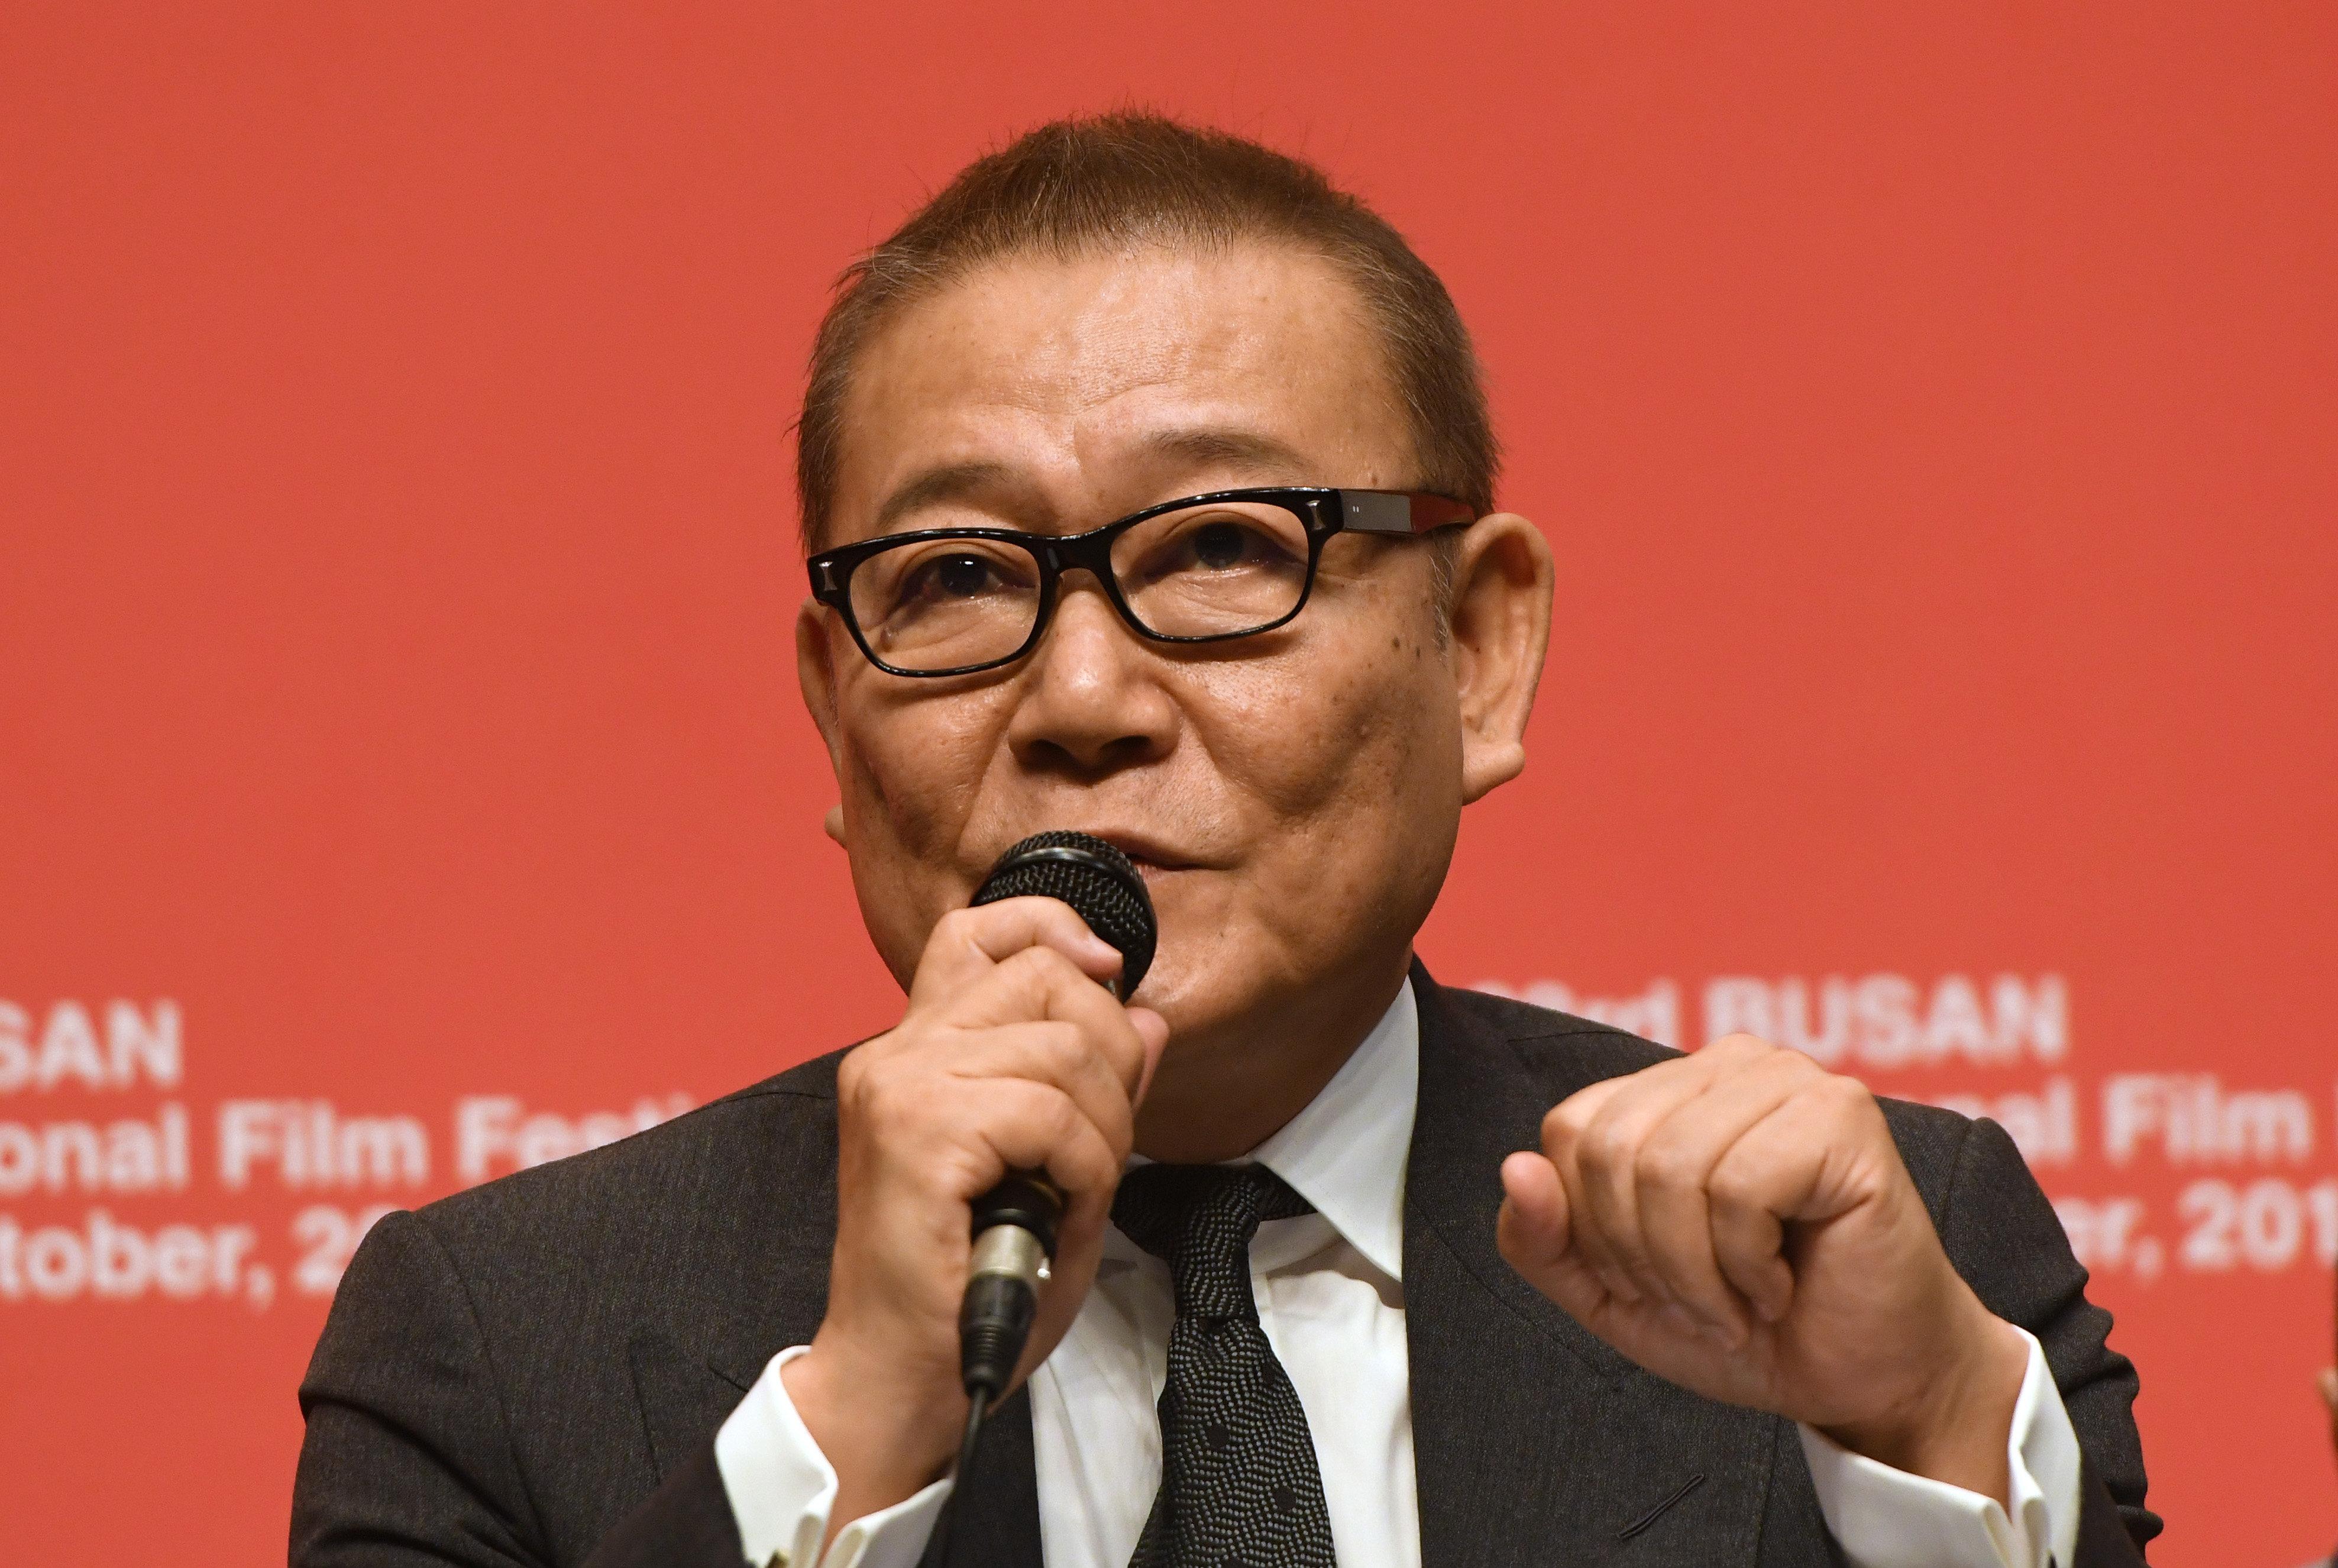 쿠니무라 준이 '일본 해상자위대 욱일기 게양'에 대한 소신을